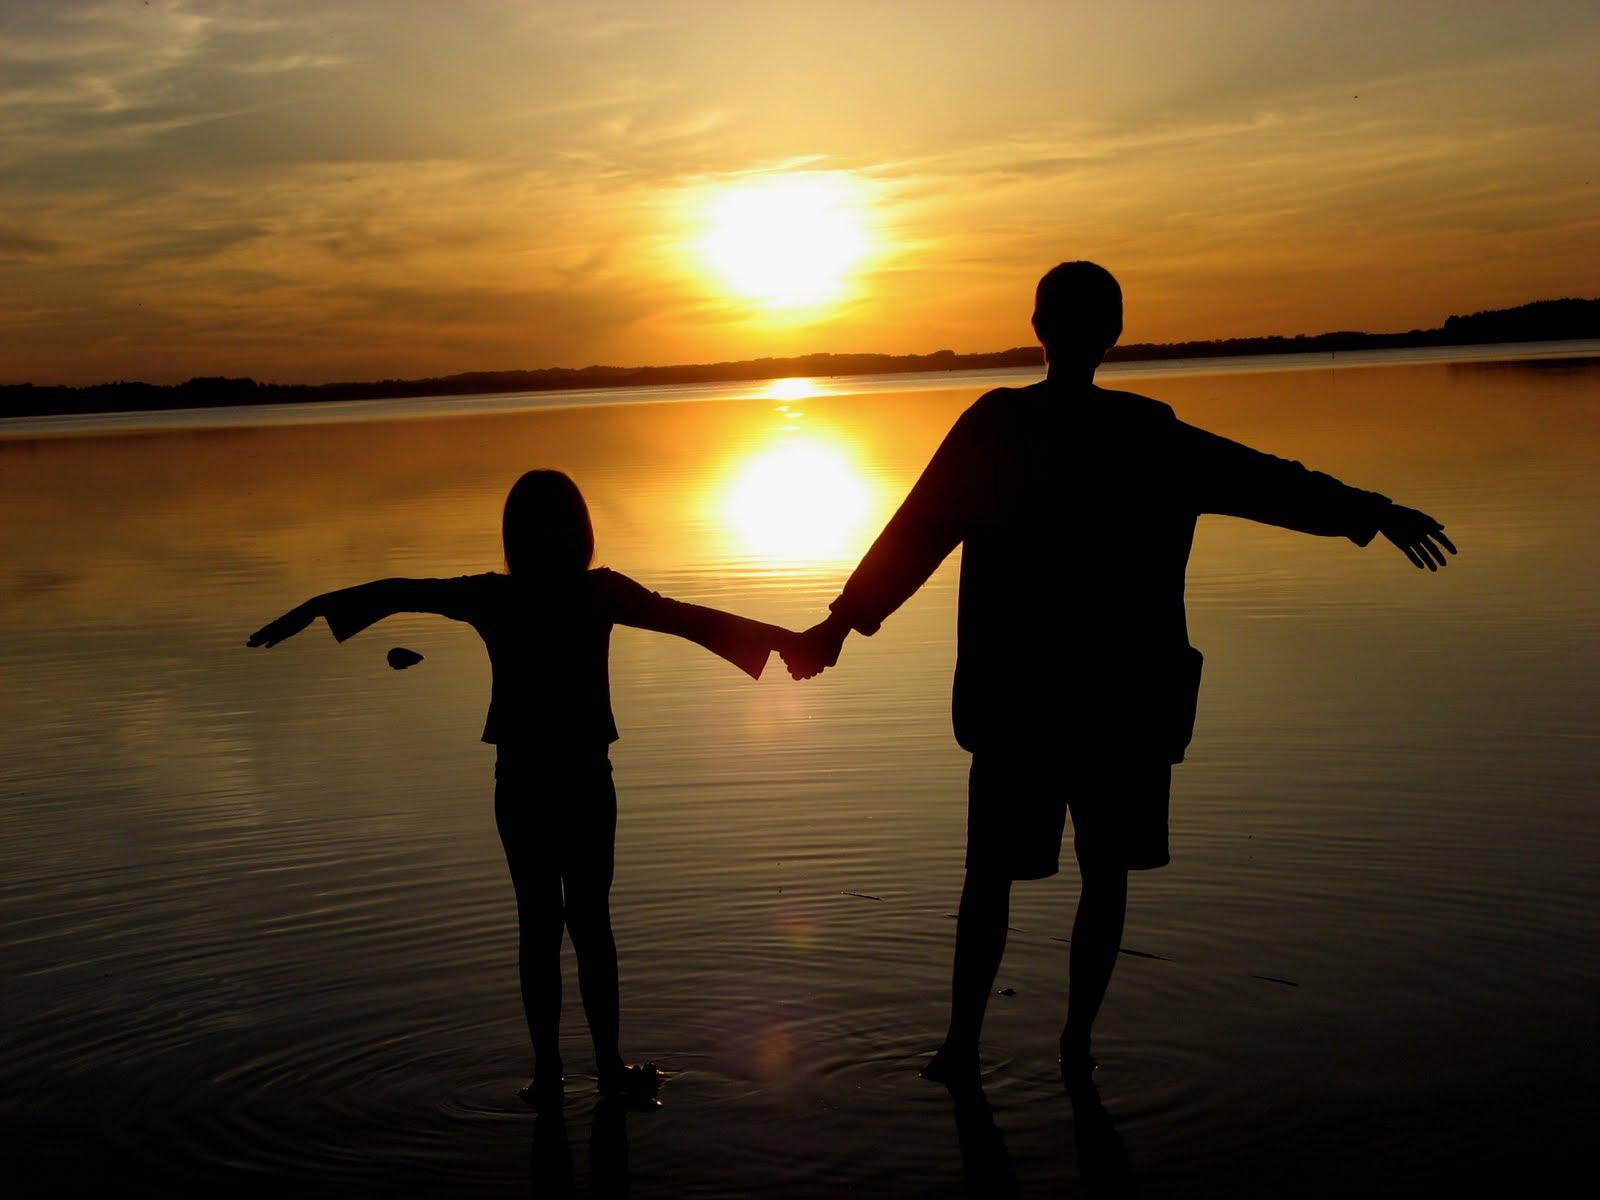 Homenagem Ao Dia Dos Pais Feliz Dia Dos Pais Alo Fm Radio Alo